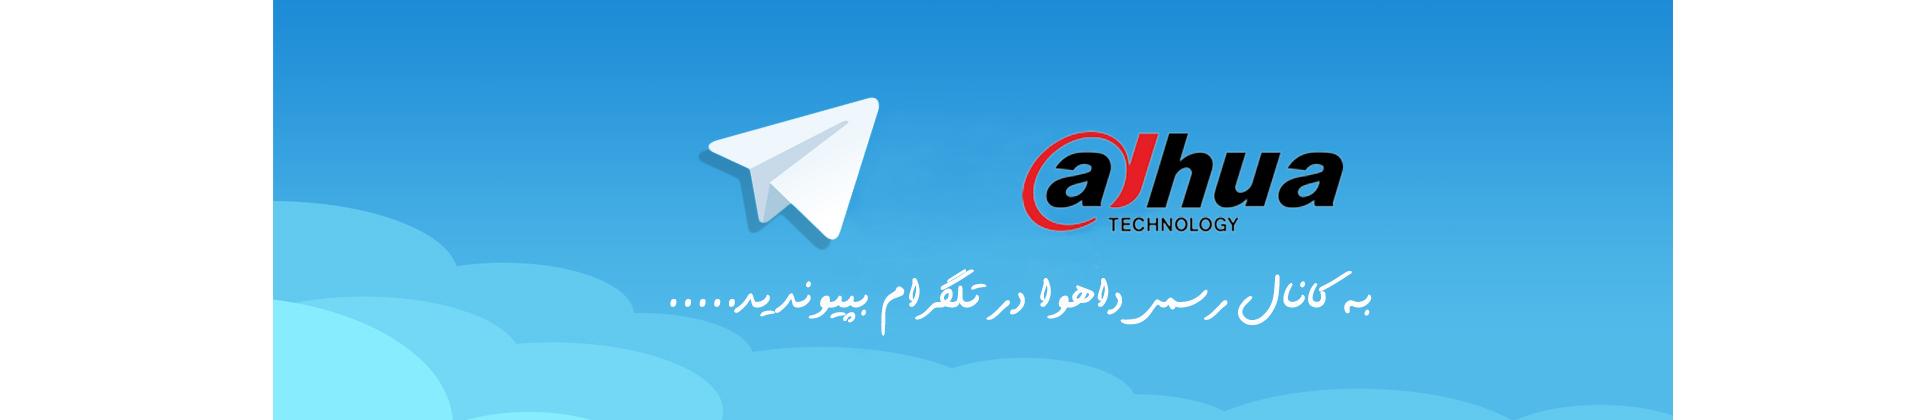 کانال رسمی داهوا در تلگرام